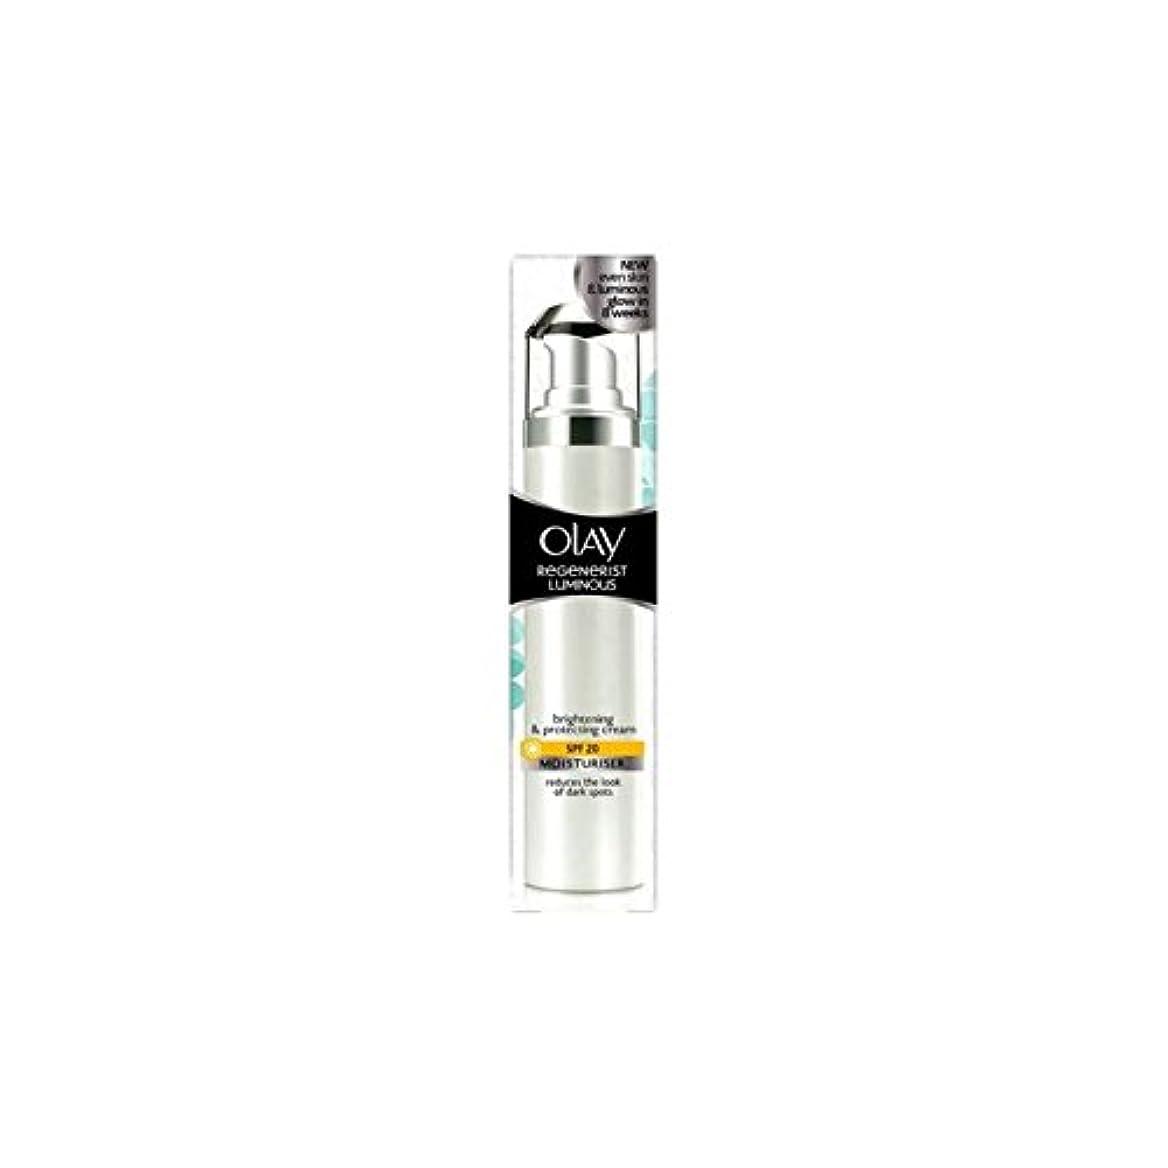 コスチューム不正ペインティングOlay Regenerist Luminous Day Cream Spf20 (50ml) (Pack of 6) - オーレイリジェネ発光デイクリーム20(50ミリリットル) x6 [並行輸入品]